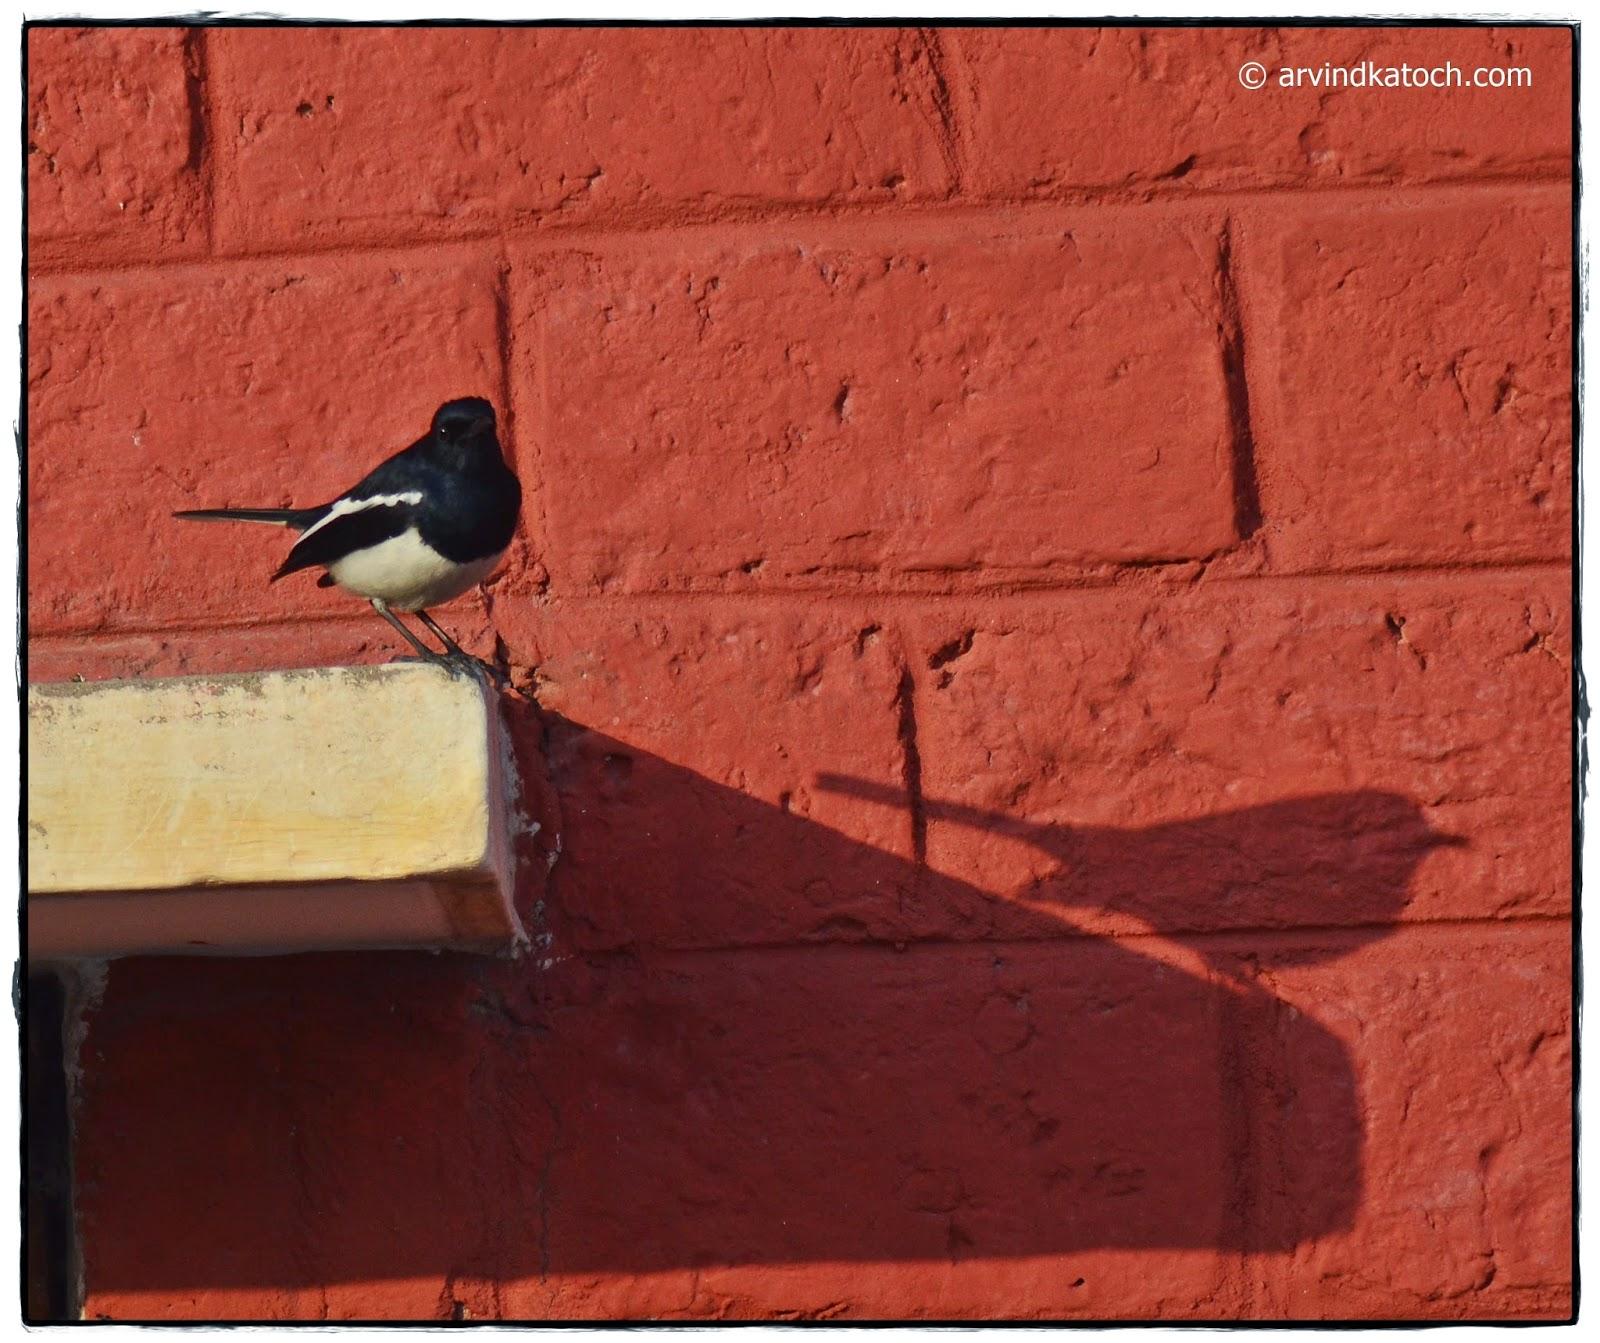 Oriental magpie-robin, Robin, Magpie, Black Bird,